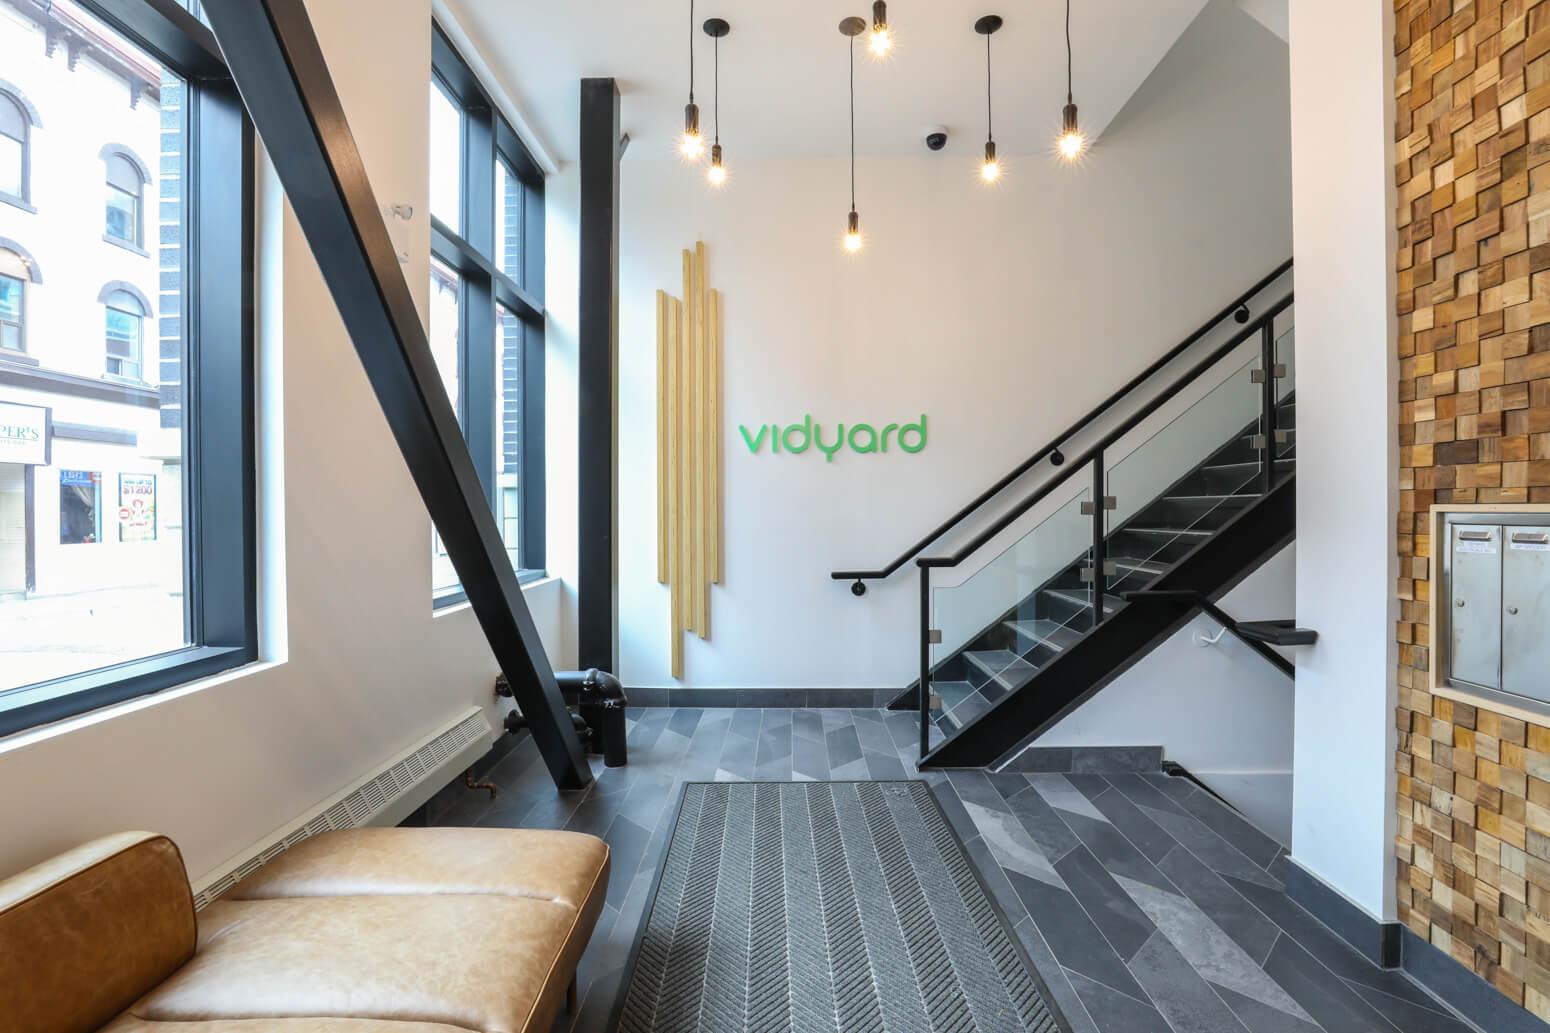 Vidyard Office Killer Spaces-1